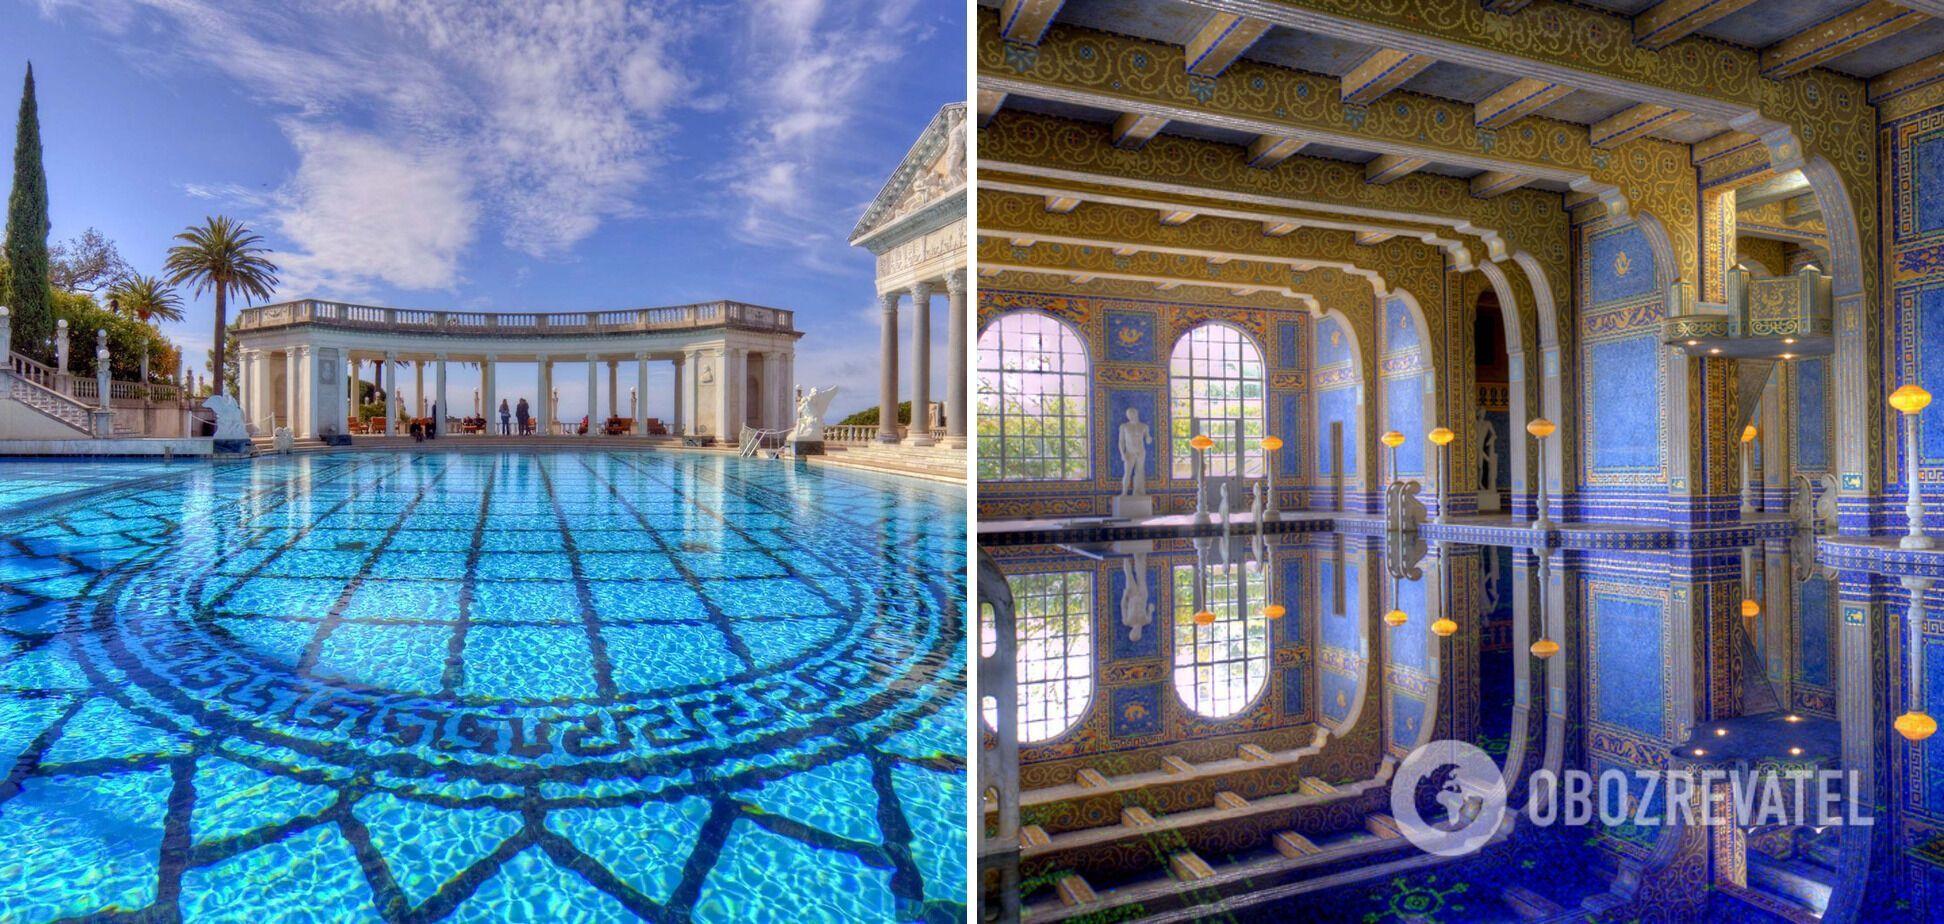 Басейни в замку Херст розташовані на узбережжі Каліфорнії поблизу Лос-Анджелеса.